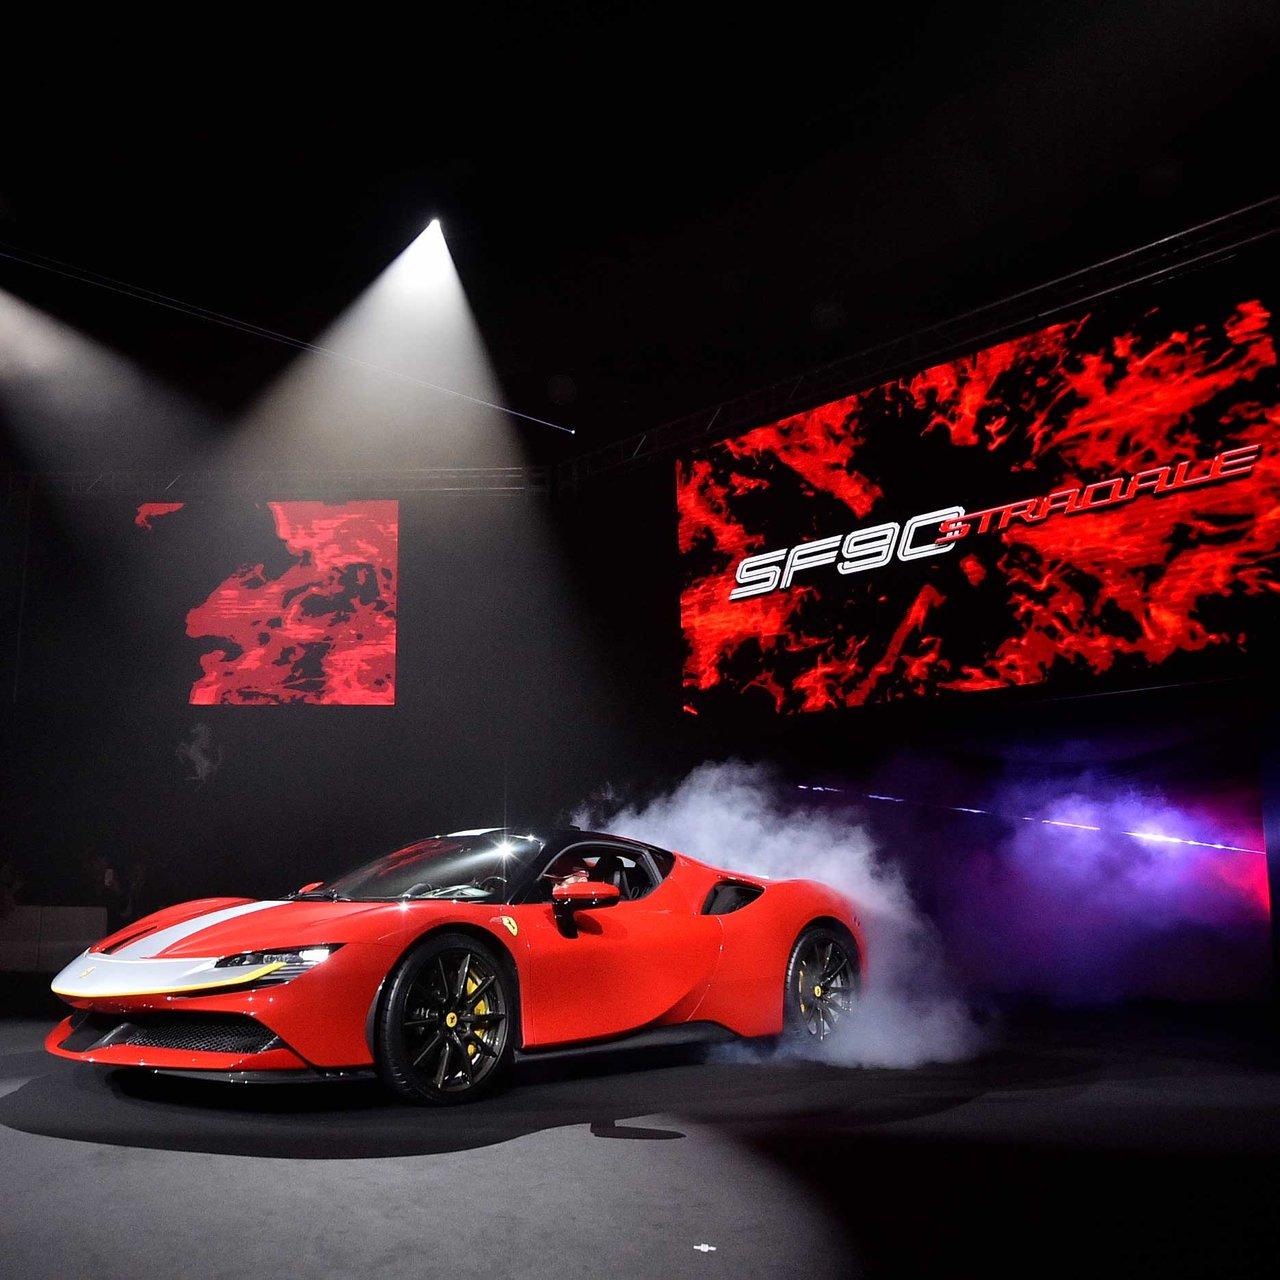 スクーデリアフェラーリ90周年を記念するフェラーリ史上最強のモデル「SF90 ストラダーレ」日本上陸  Ferrari